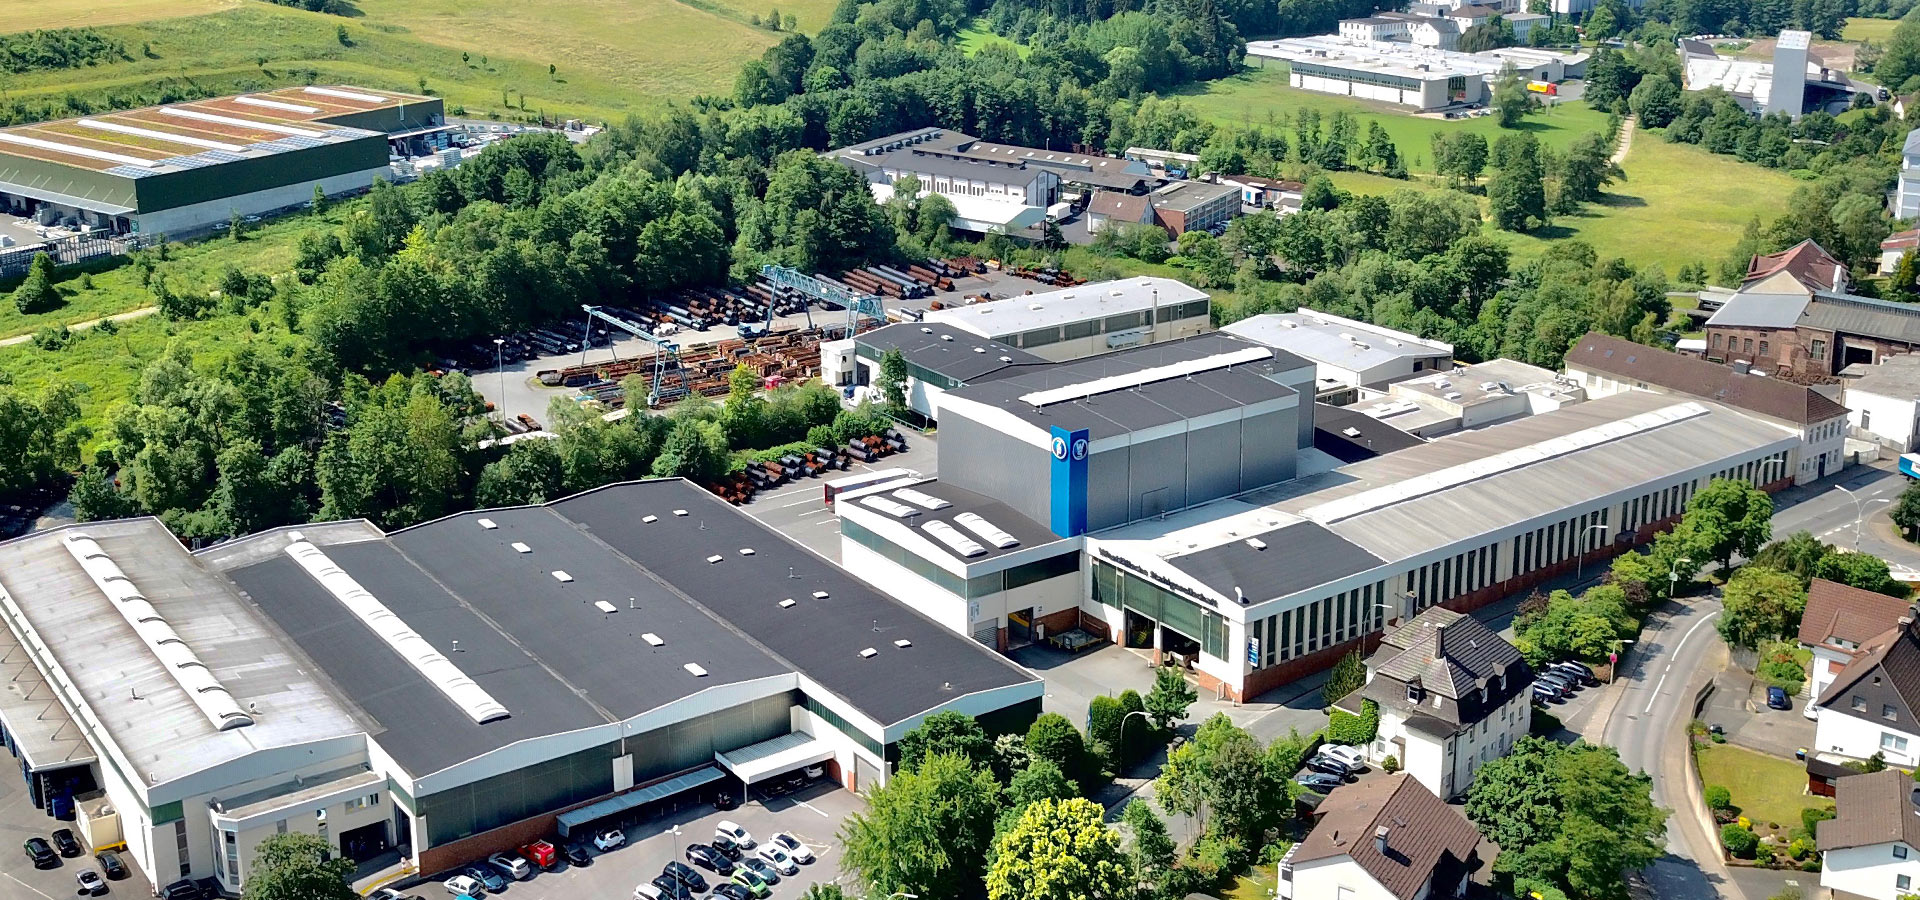 Westfälische Stahlgesellschaft Plettenberg